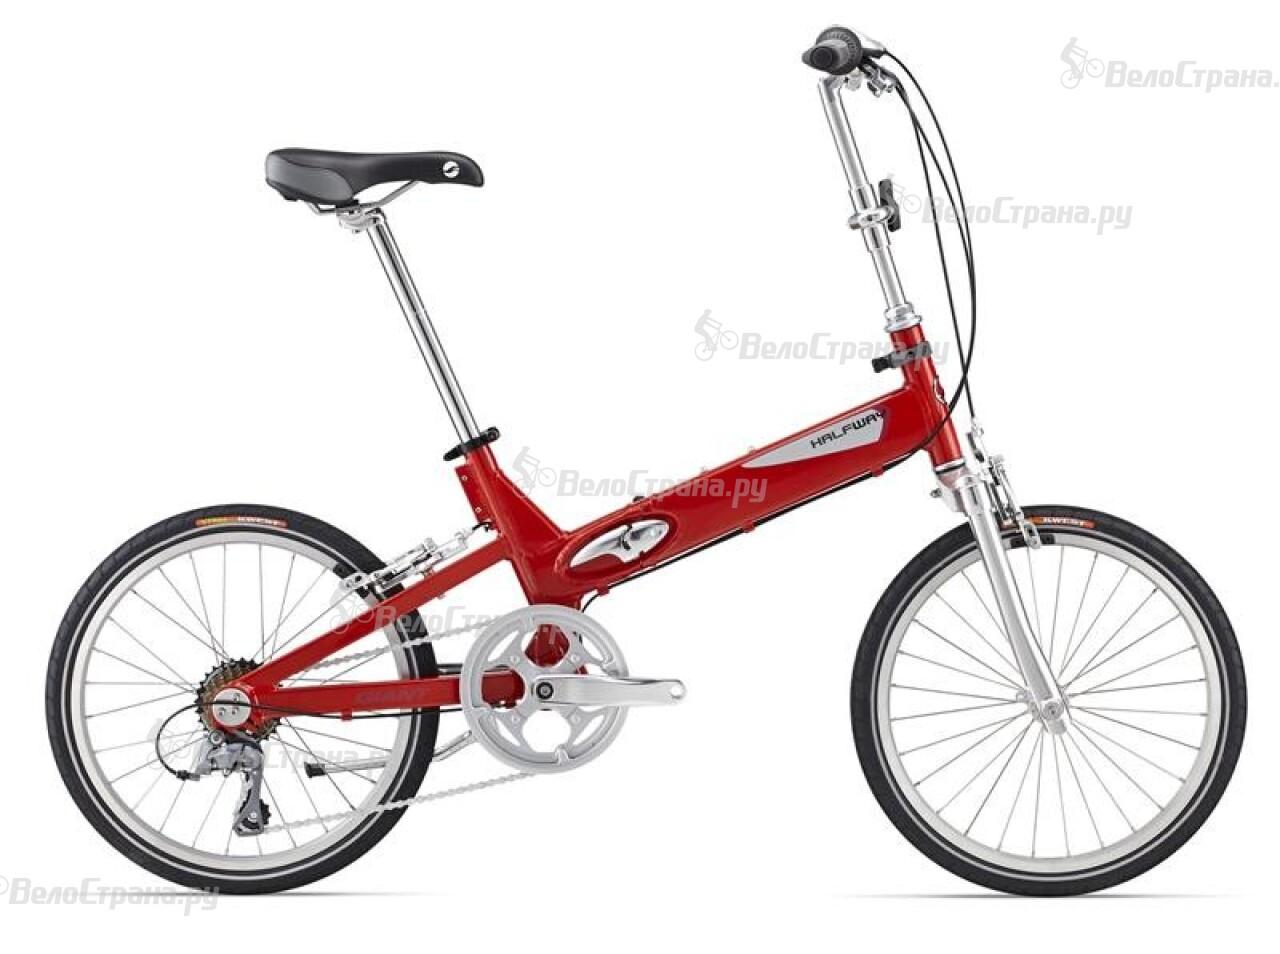 Велосипед Giant Halfway (2016) велосипед giant halfway 1 2013